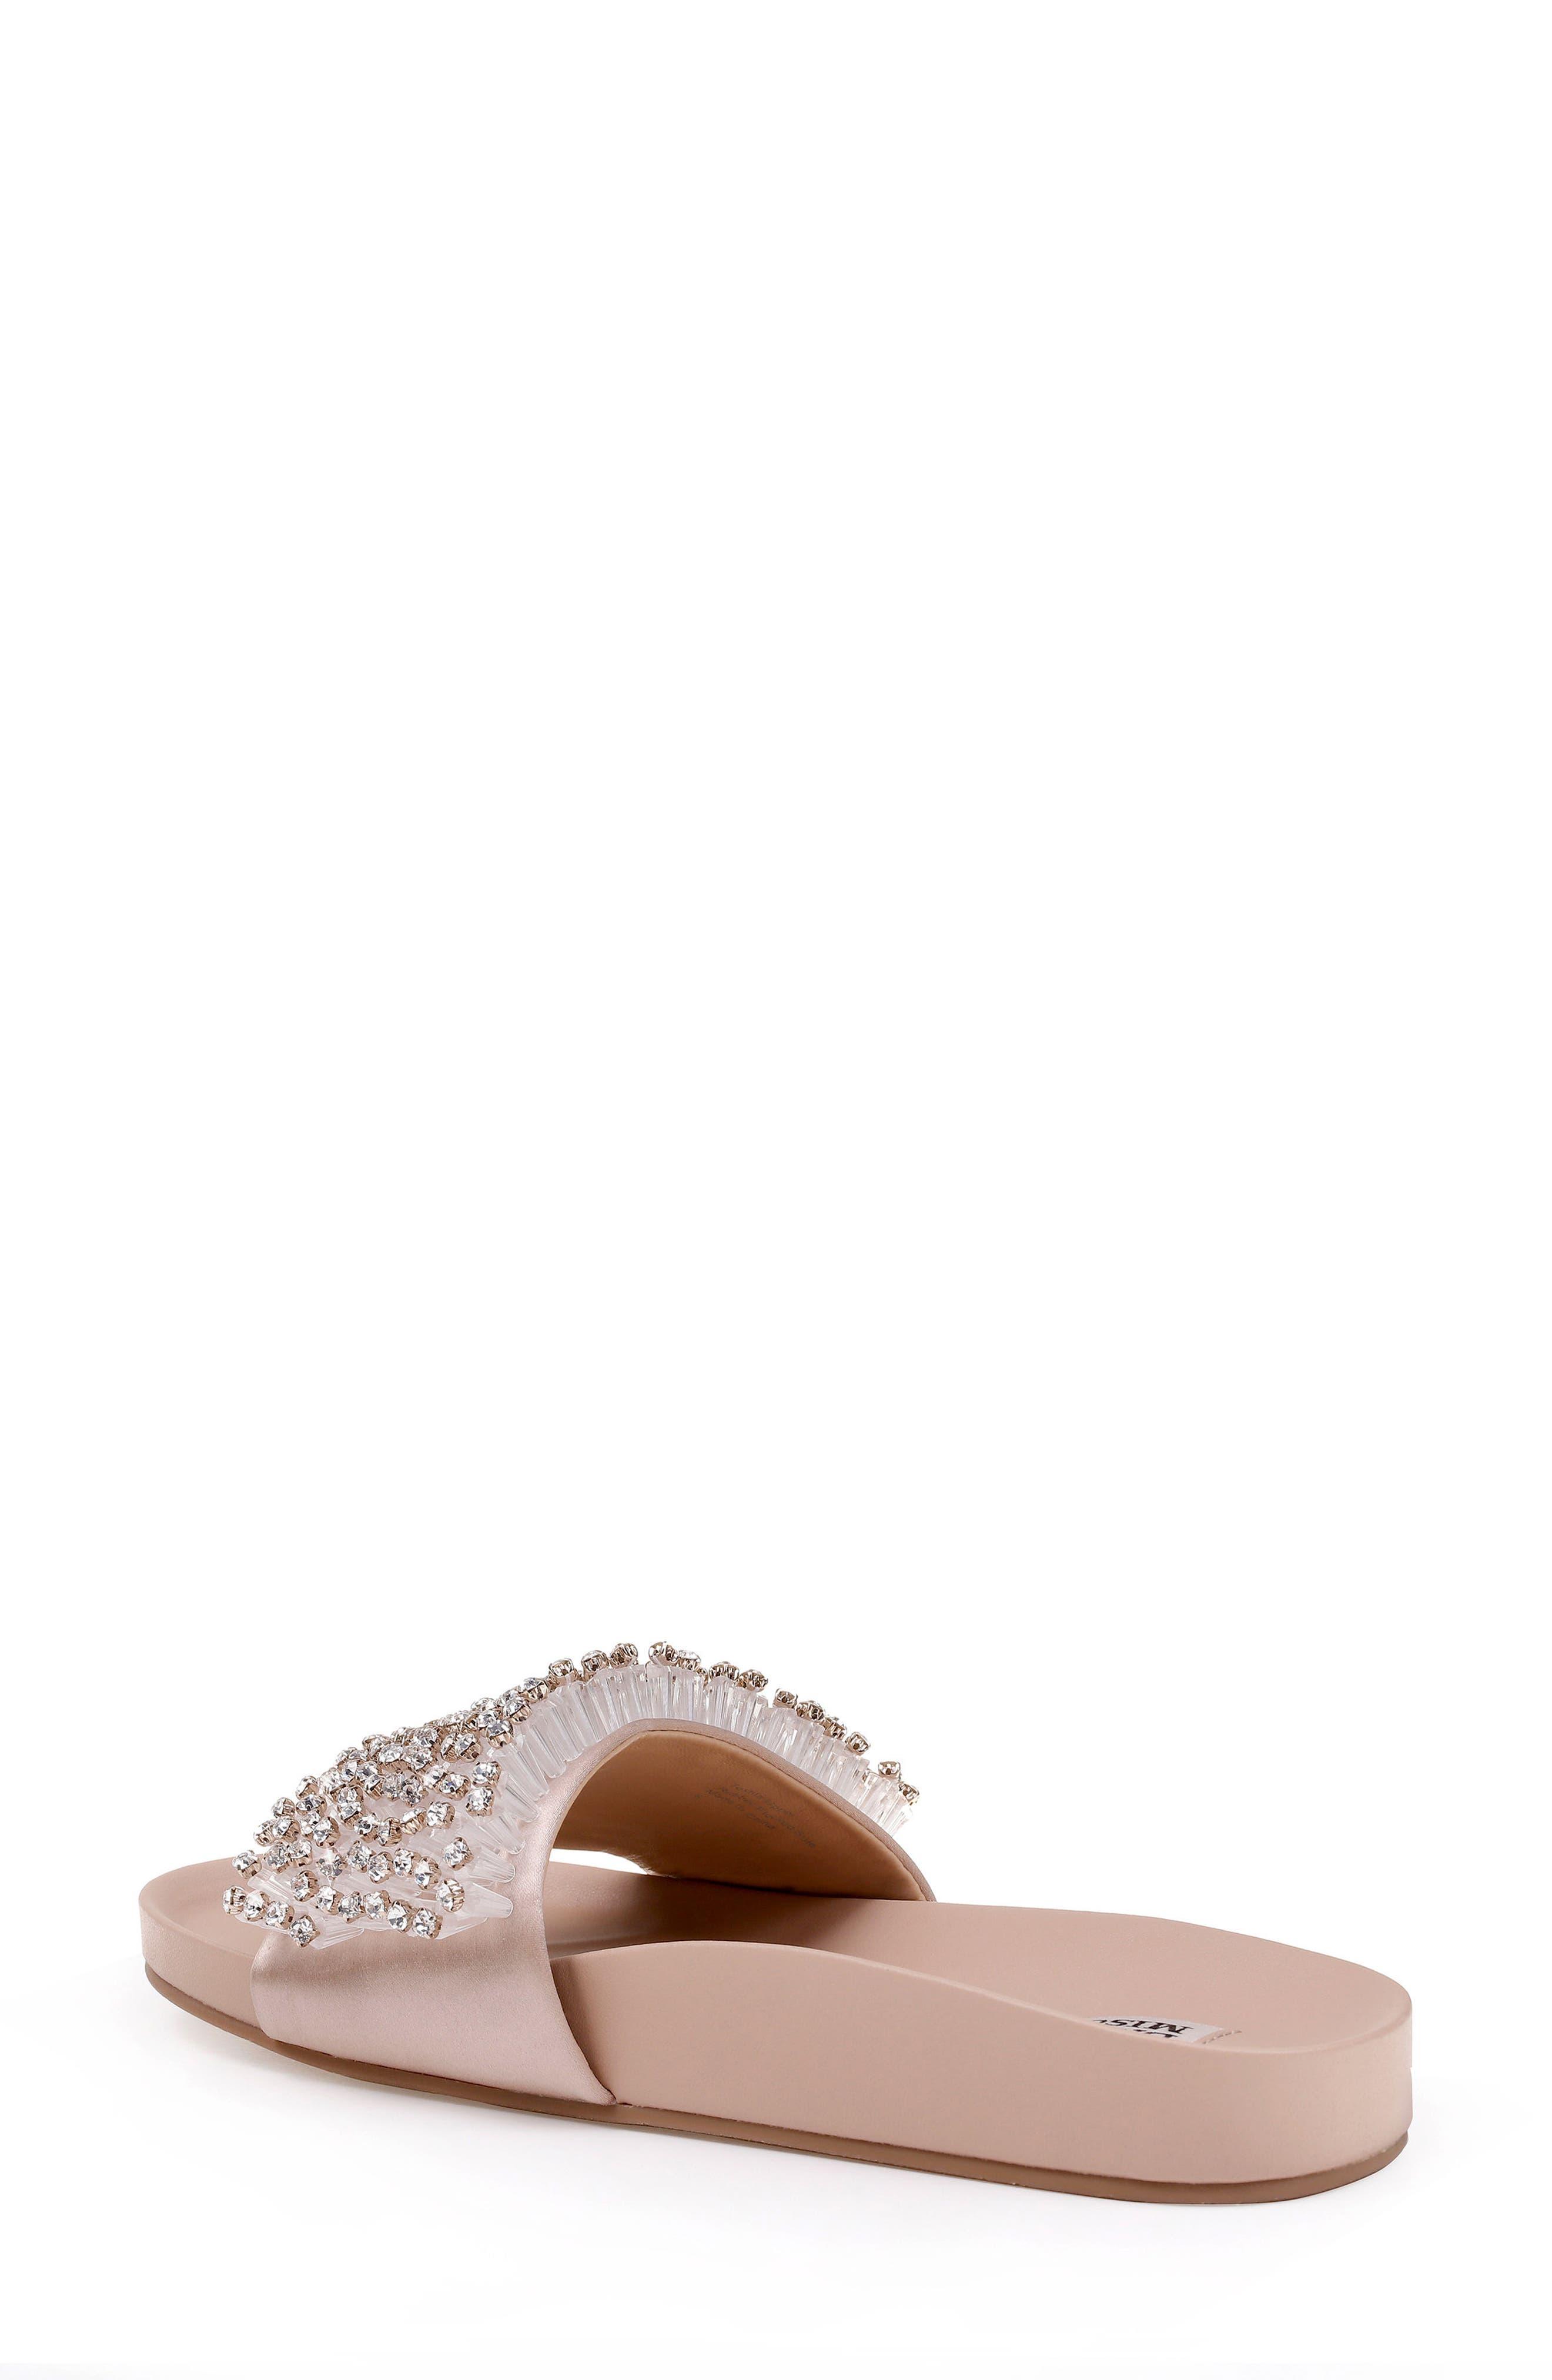 Horton Crystal Embellished Sandal,                             Alternate thumbnail 8, color,